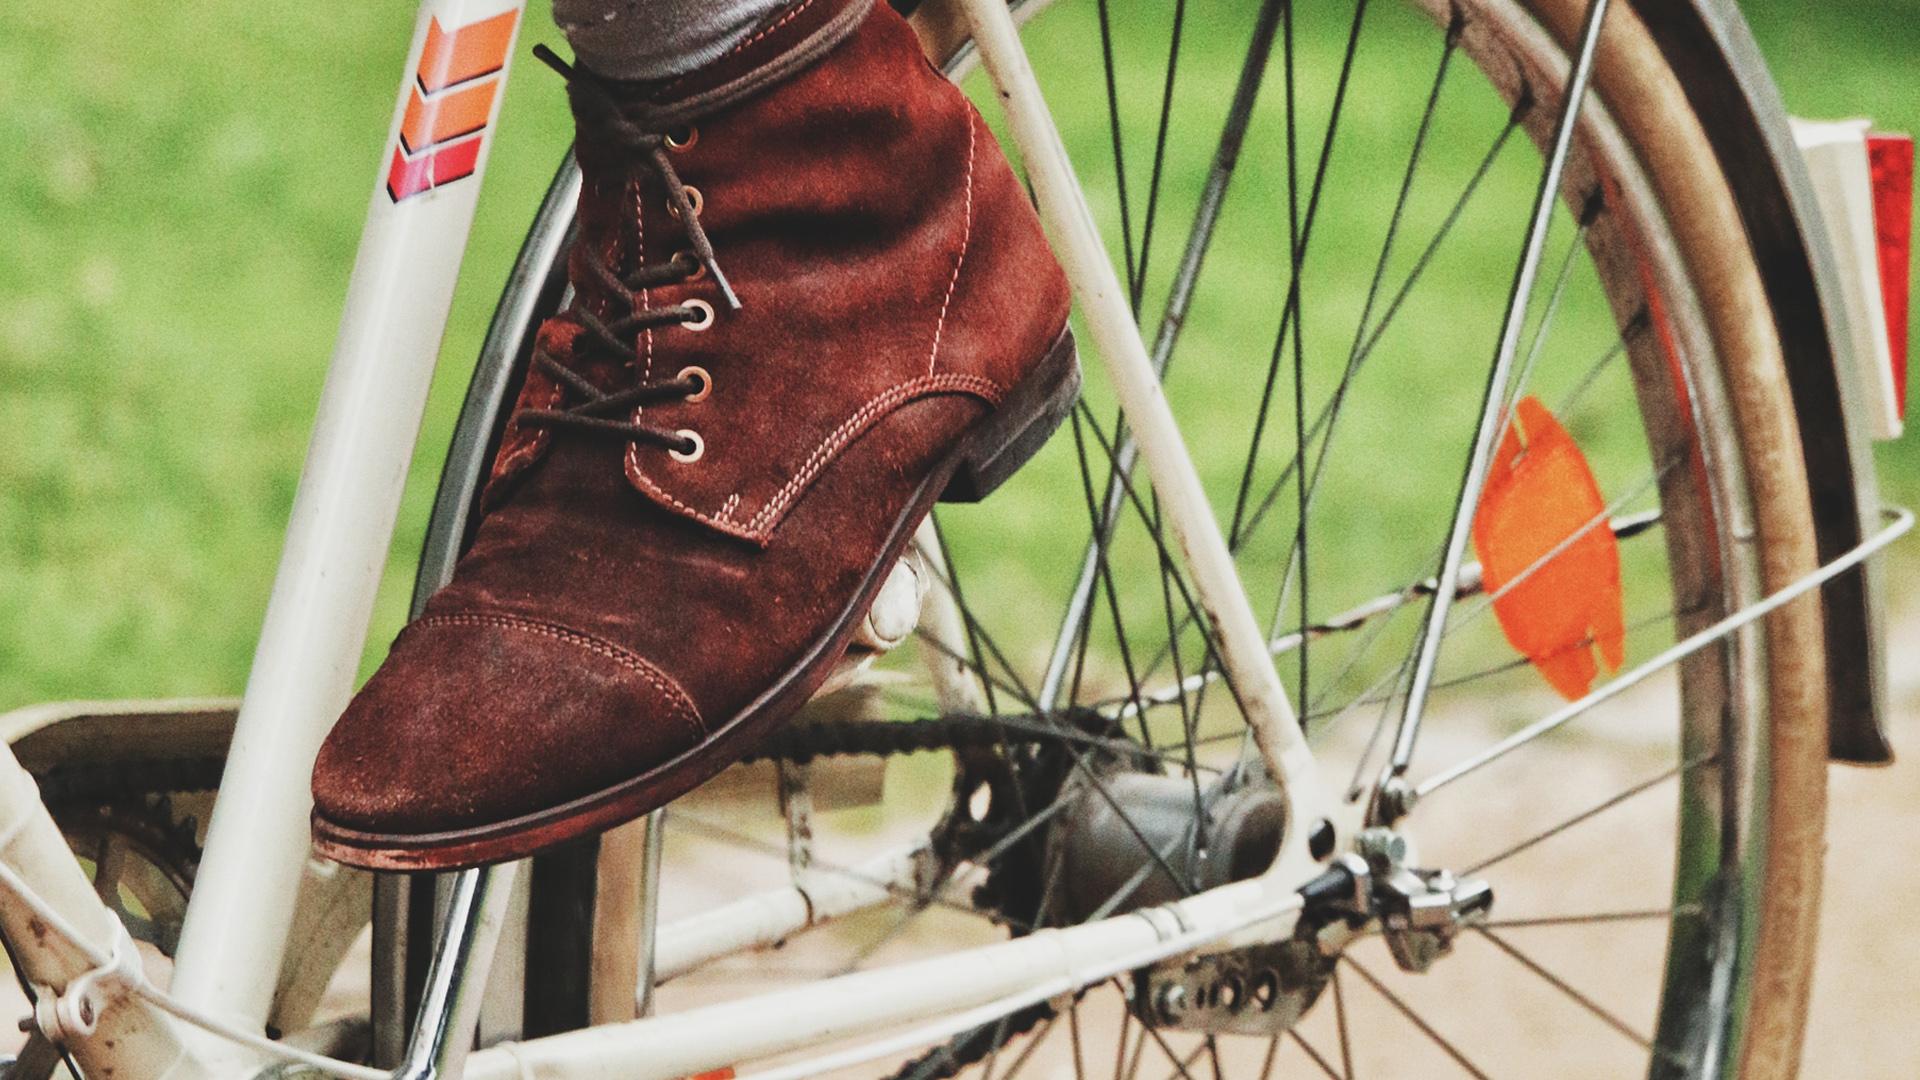 En fot på en cykelpedal.